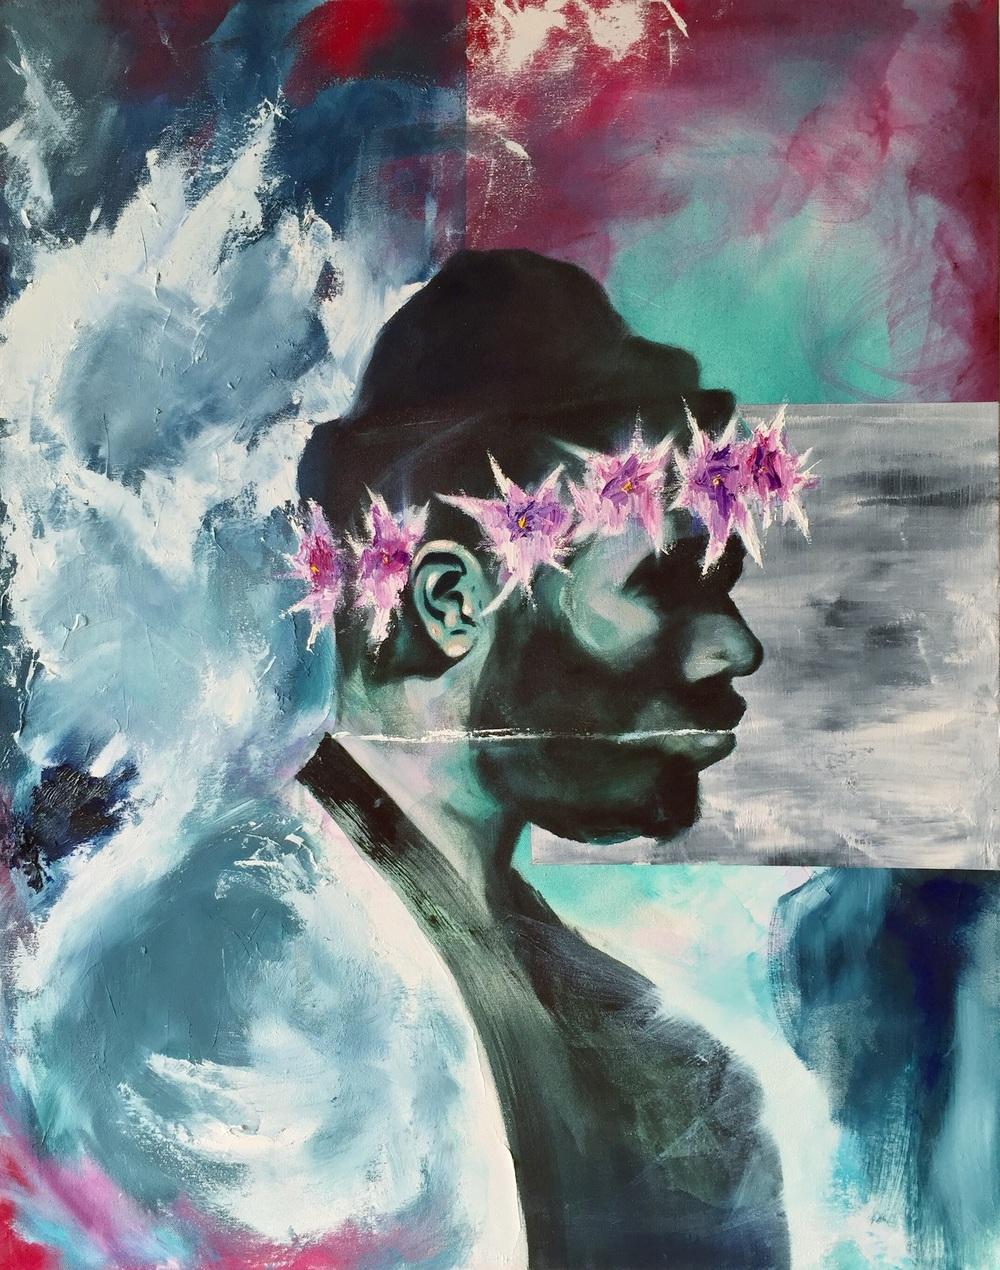 Daisychain Oil on canvas 2015